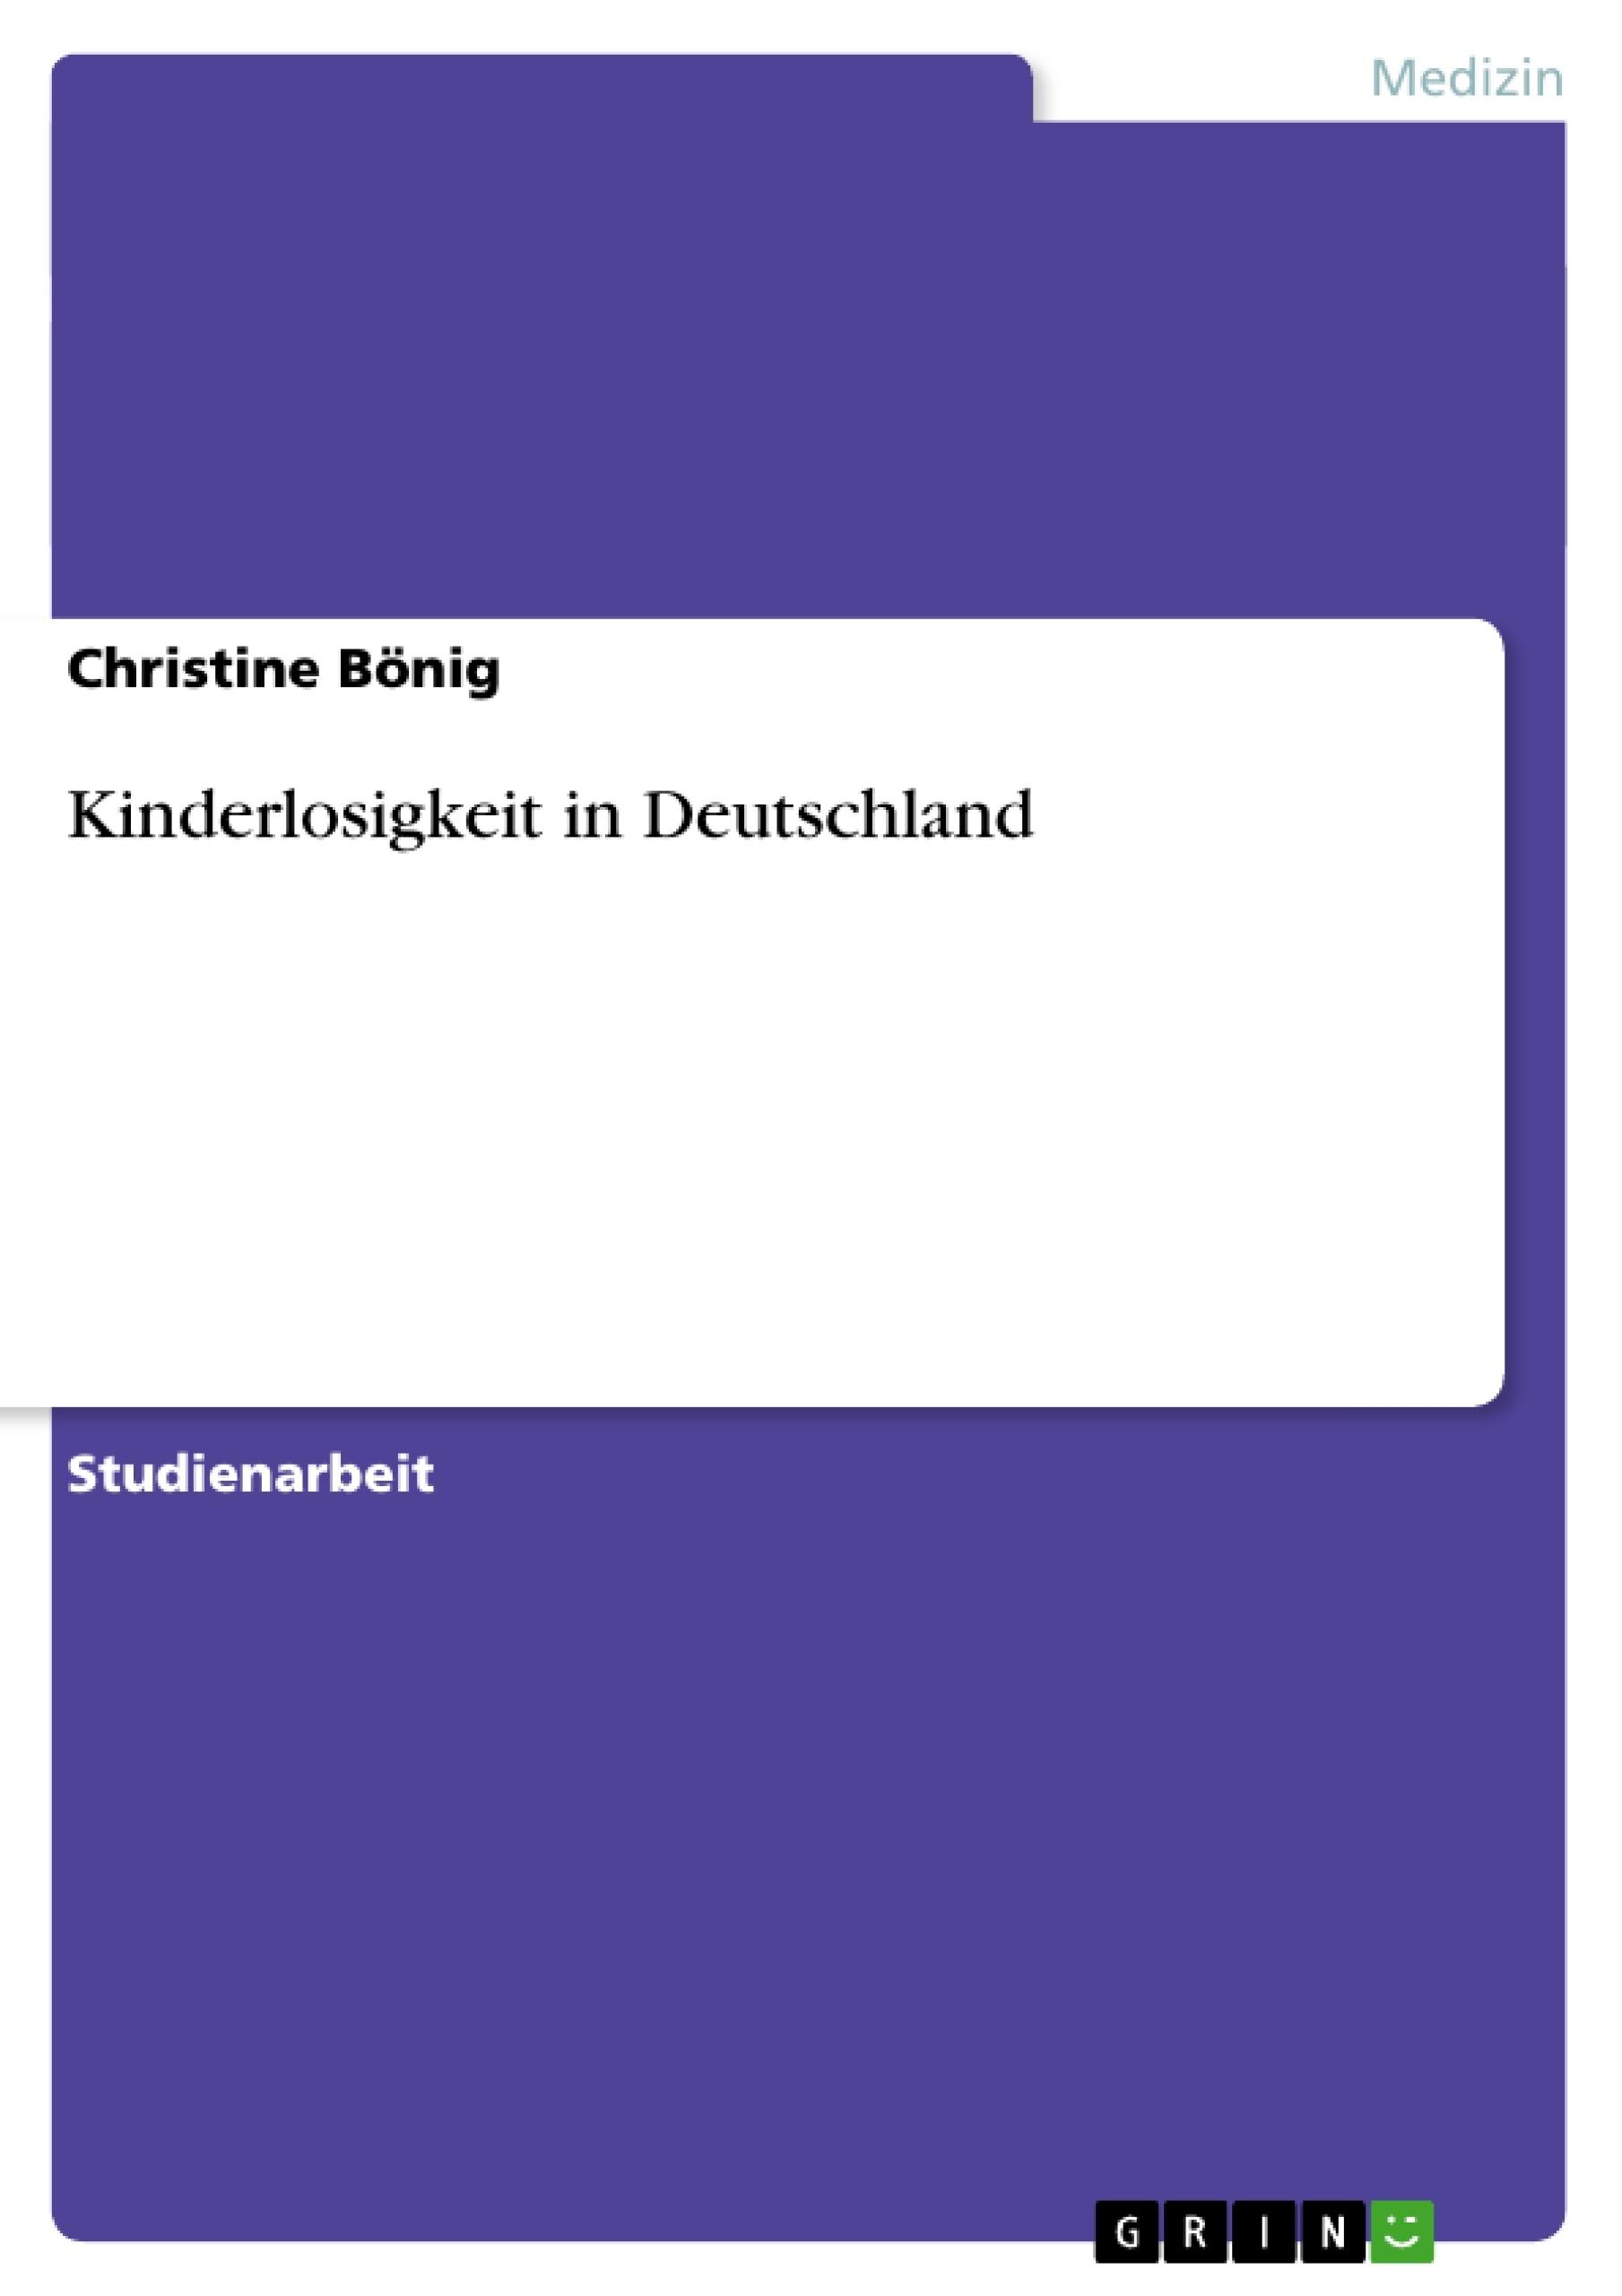 Titel: Kinderlosigkeit in Deutschland